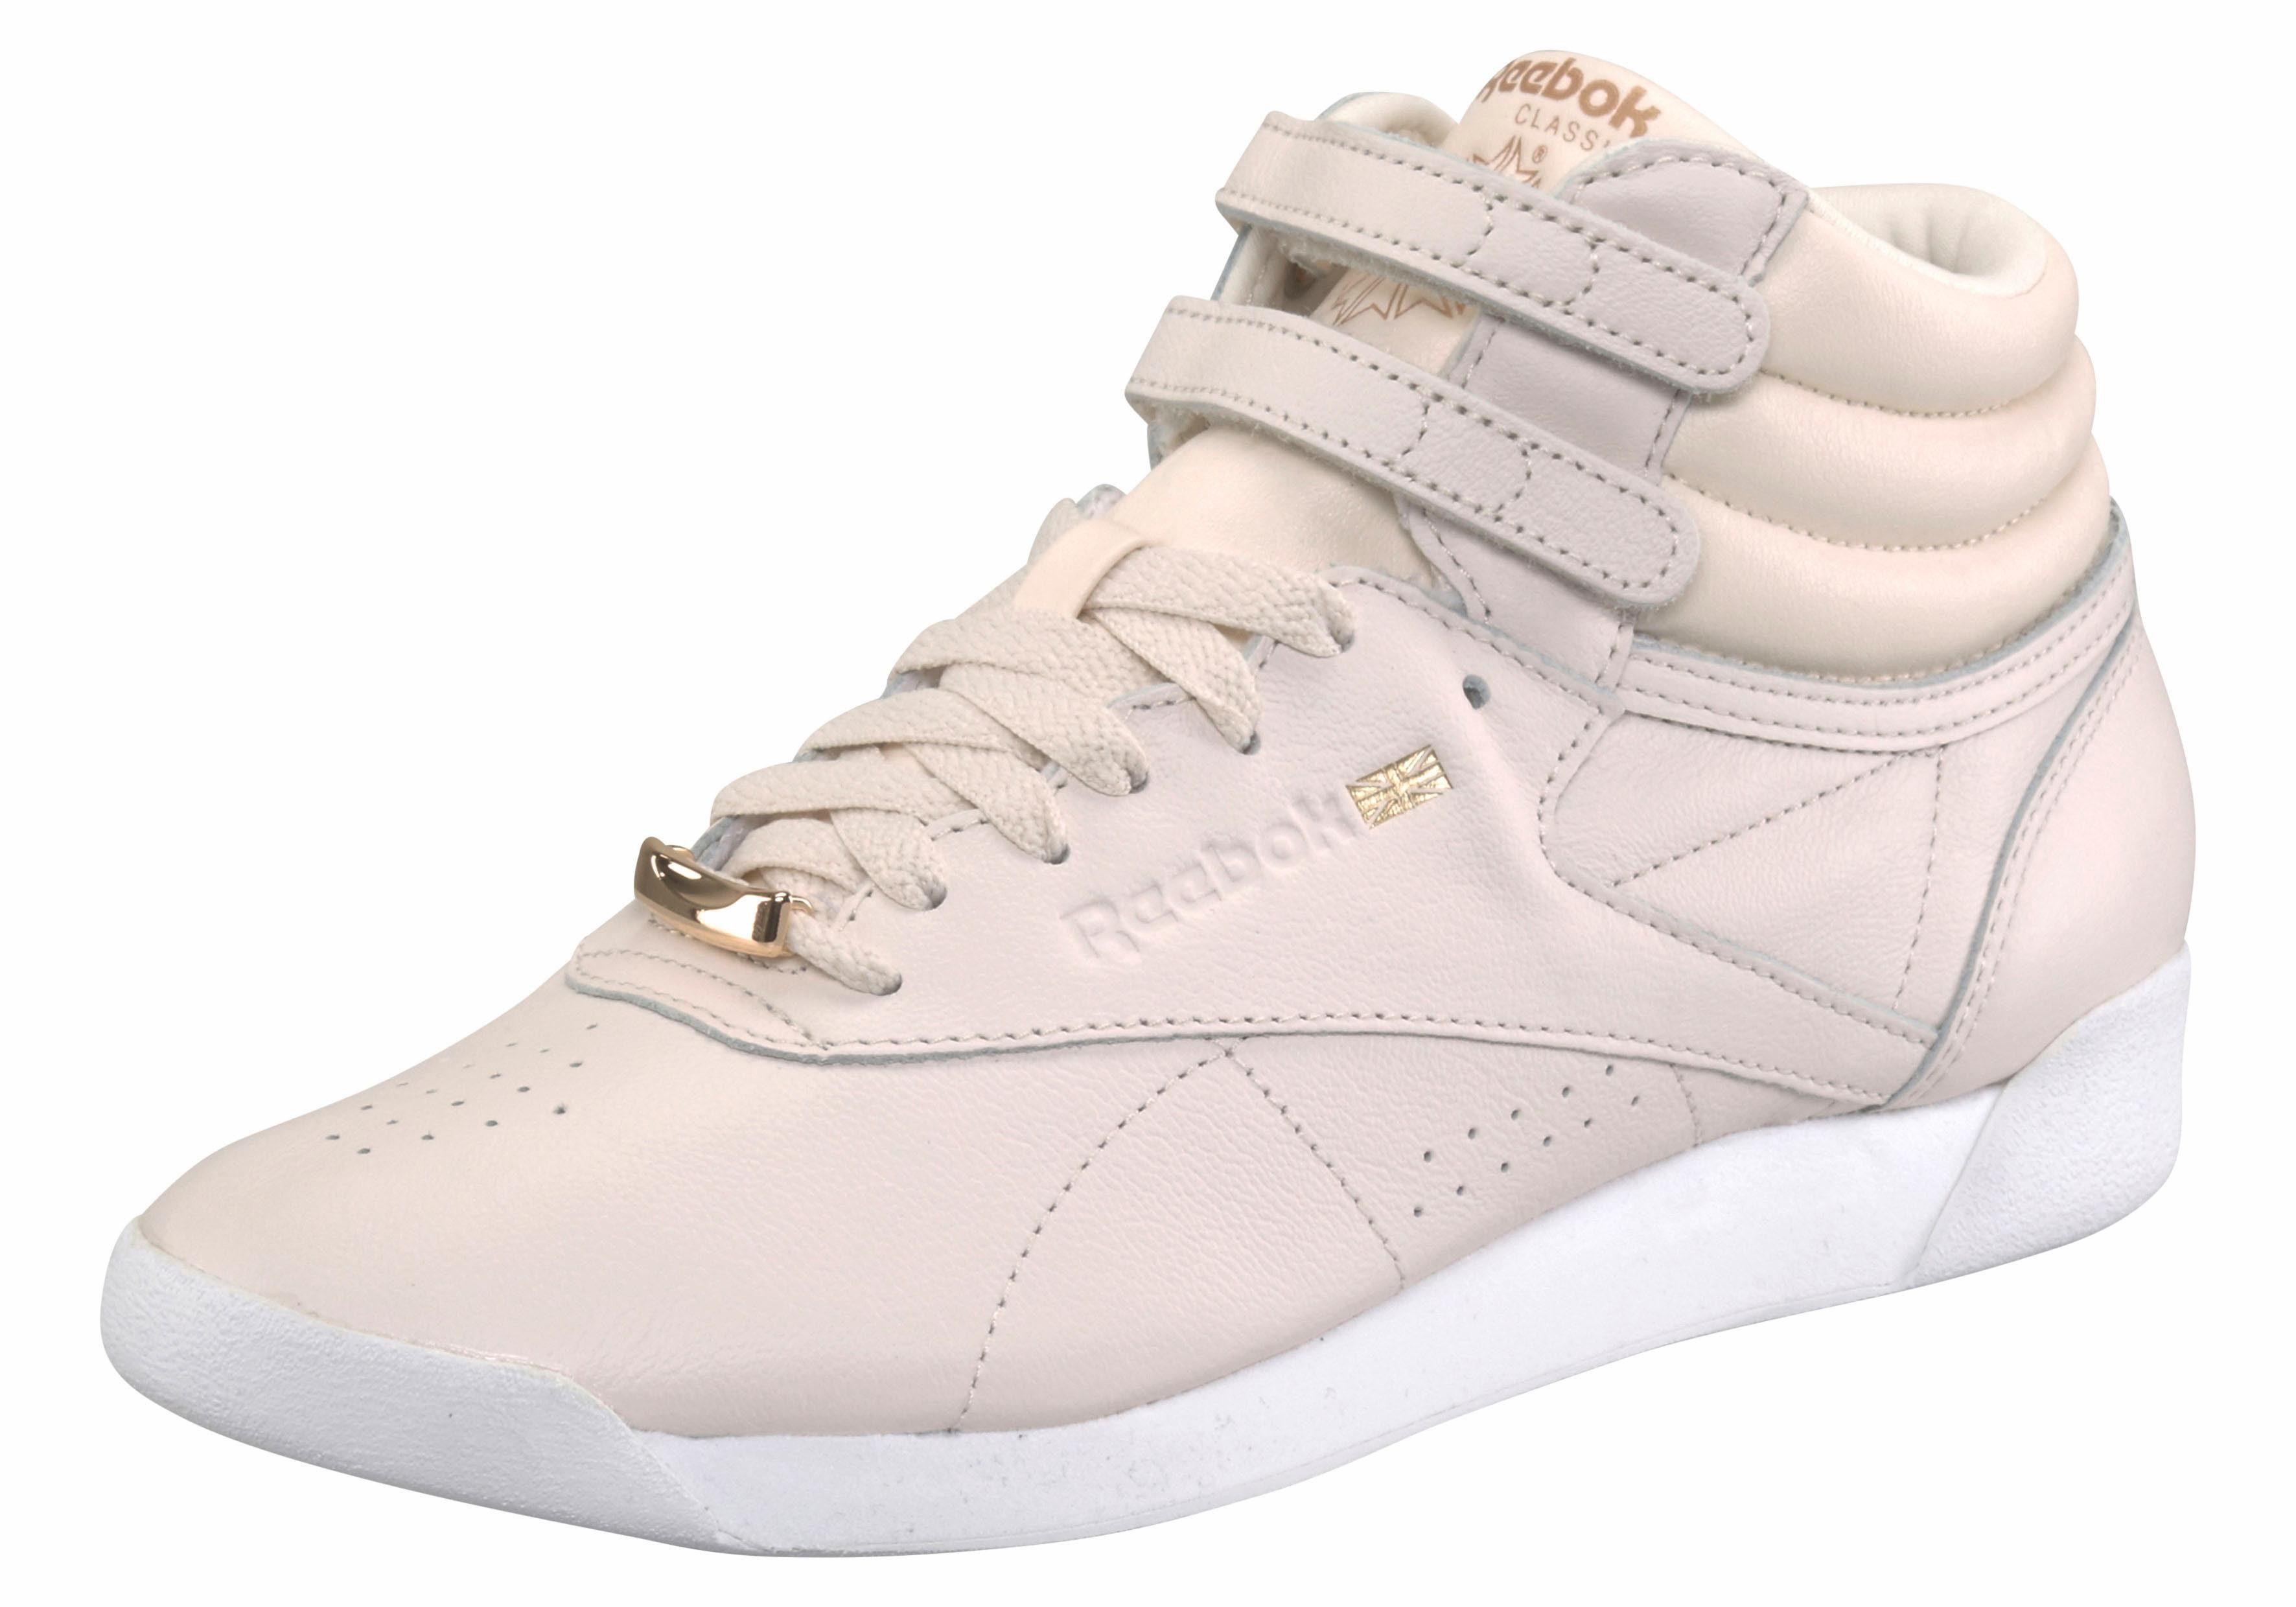 Chaussures Reebok Fs Salut Mis En Sourdine E v91a43